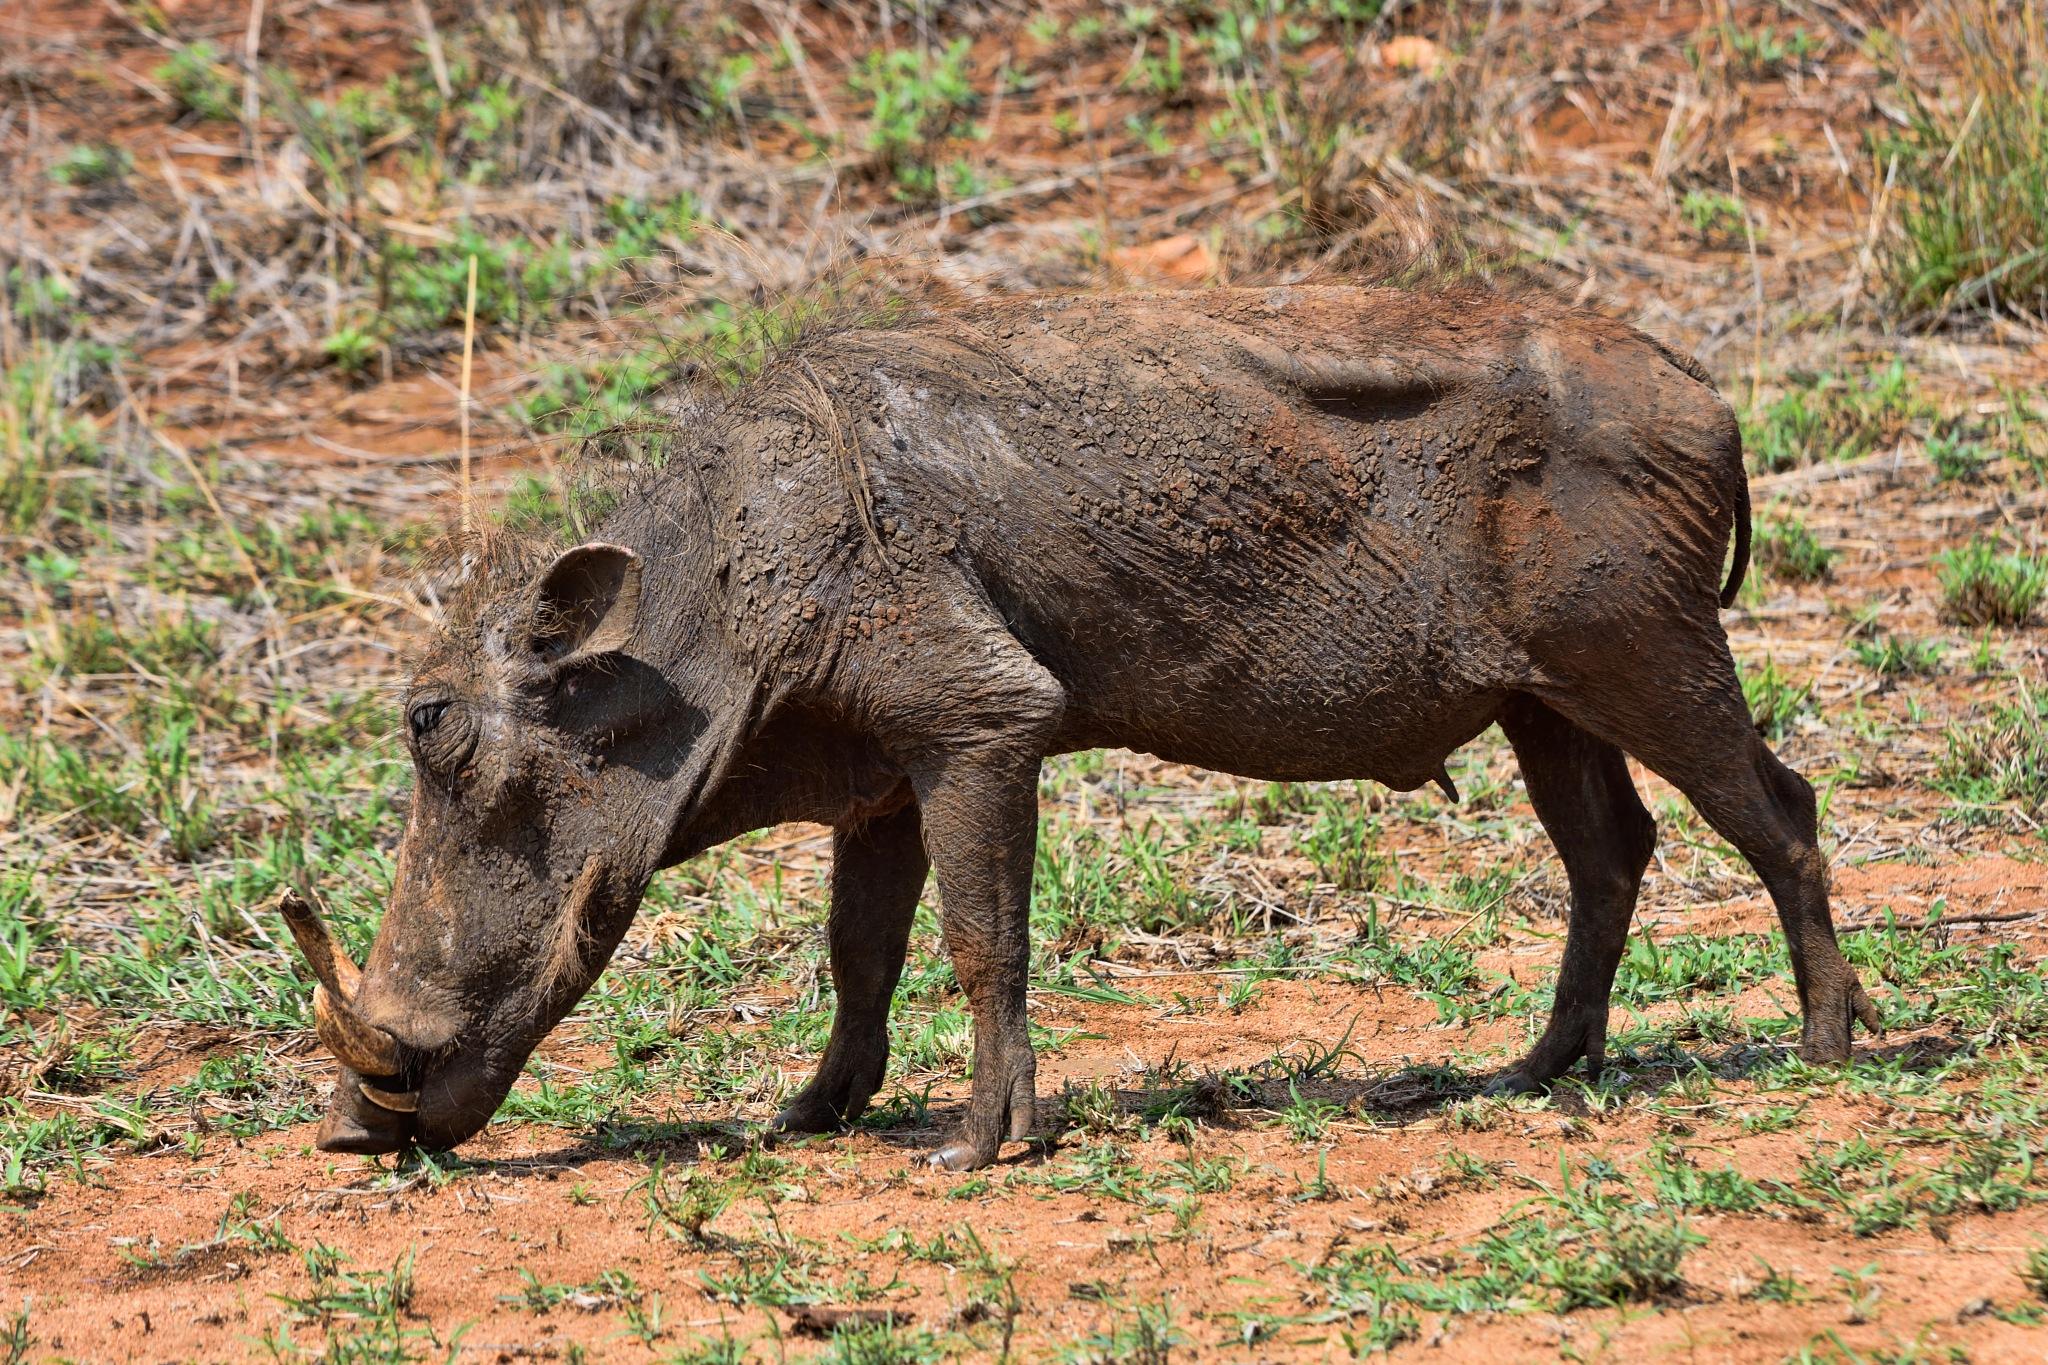 South Africa - Kruger Park (152) Warthog by Derek Clarke